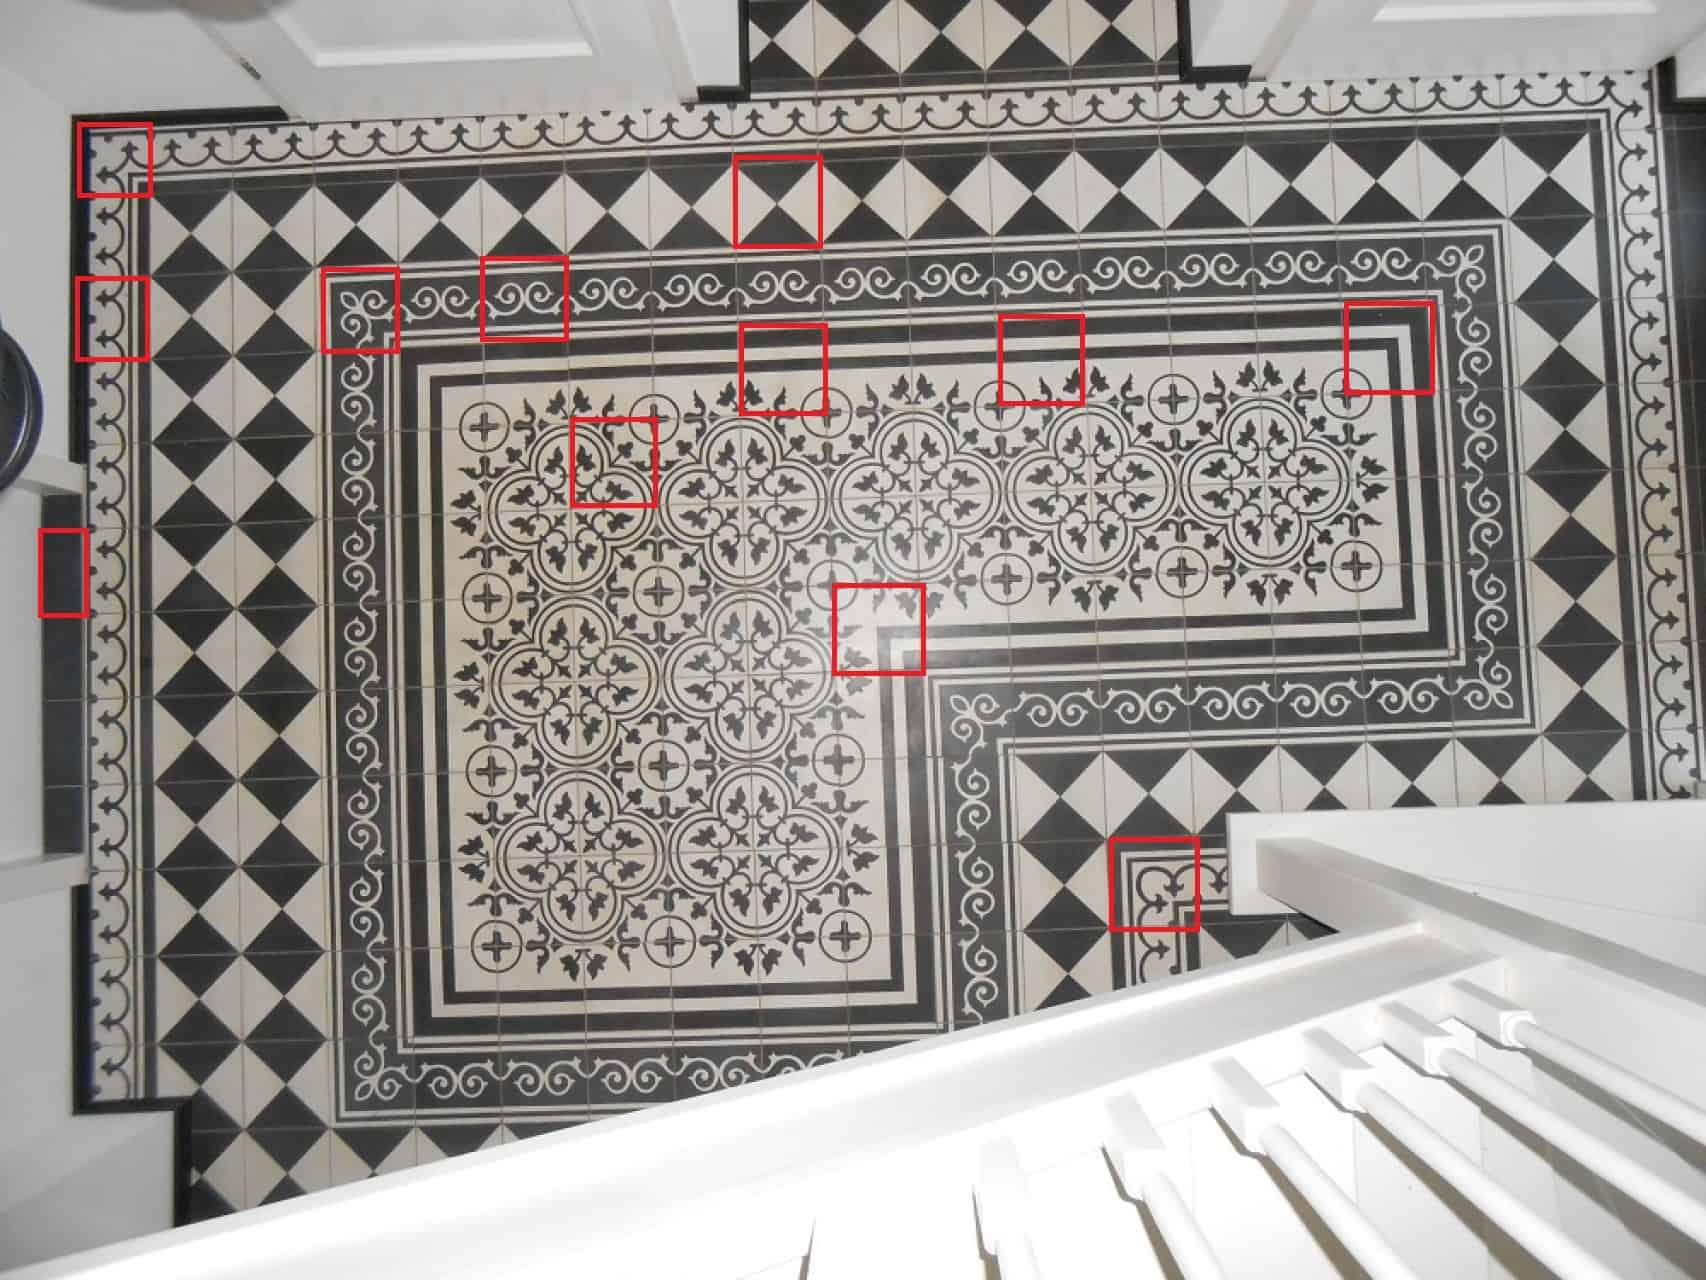 Posadzka dywanowa wraz z zaznaczonymi wzorami użytych płytek